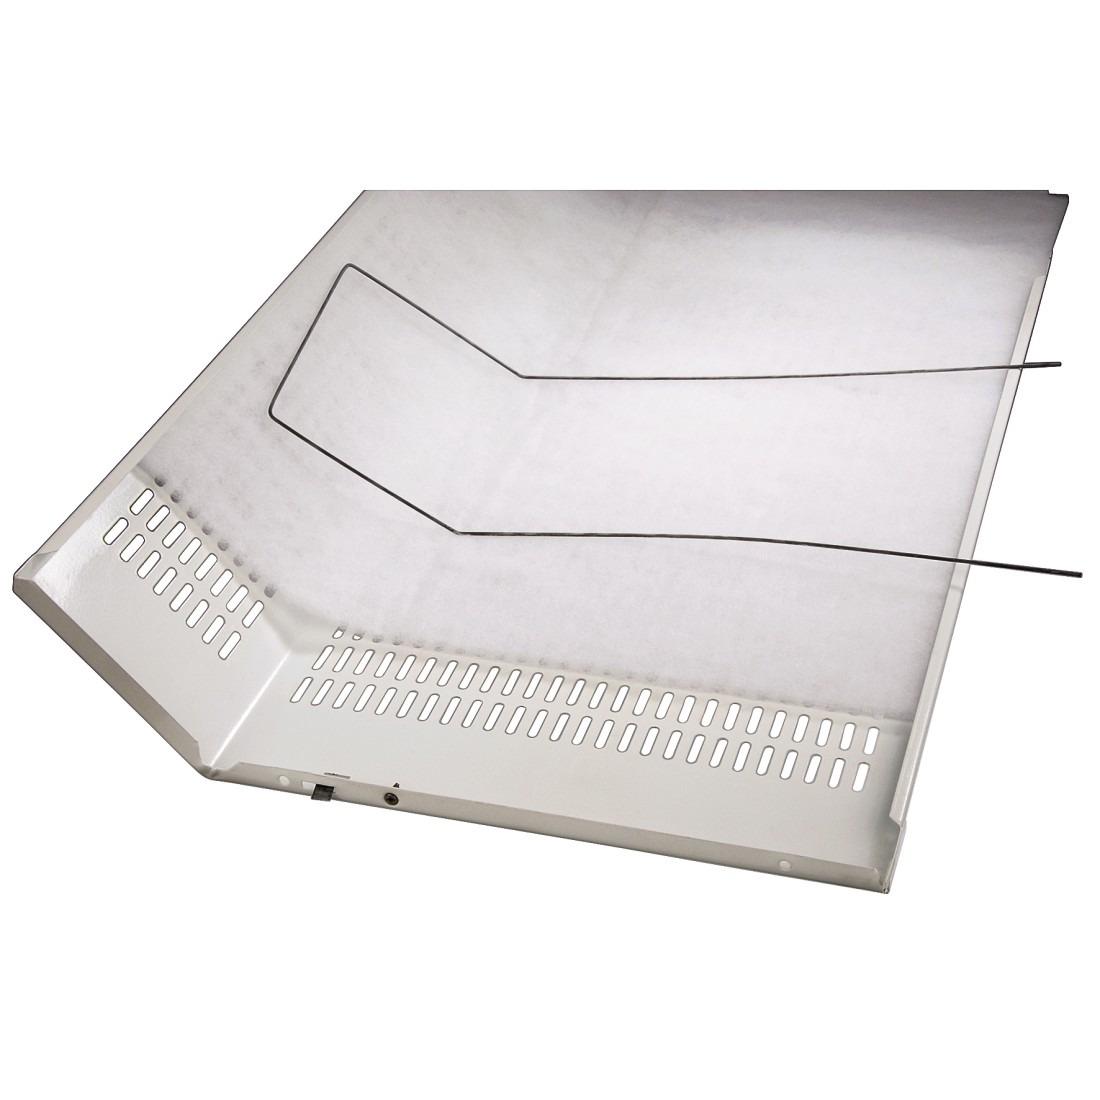 Korting Xavax Vet koolstoffilter vr dampkap fleece 2 st 47x57cm koolstoffilter